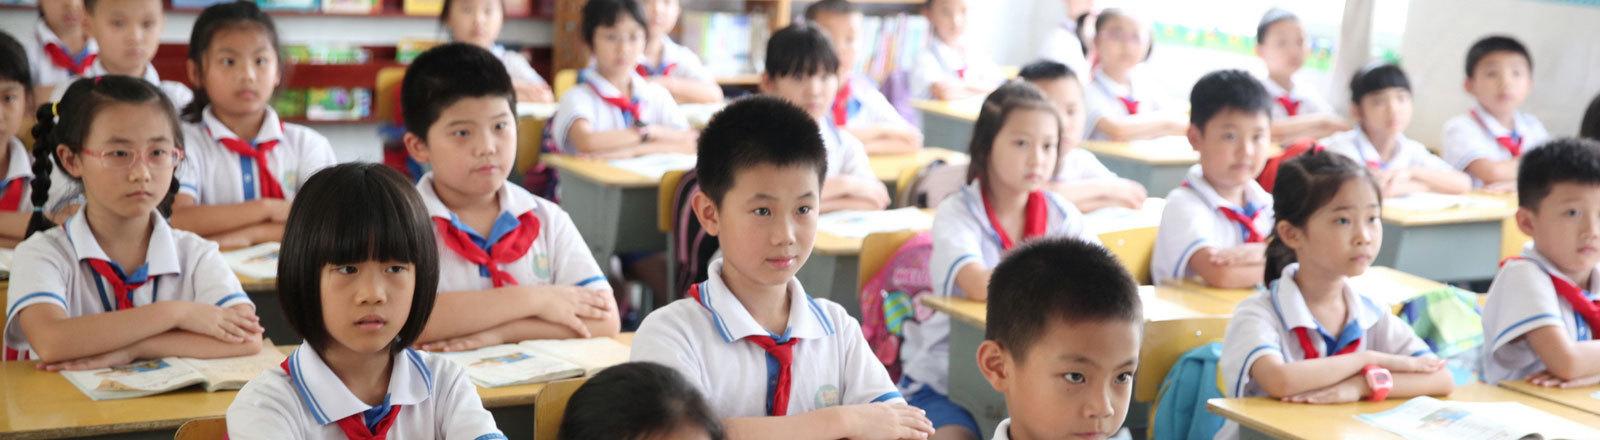 Schüler in einem Klassenraum in China